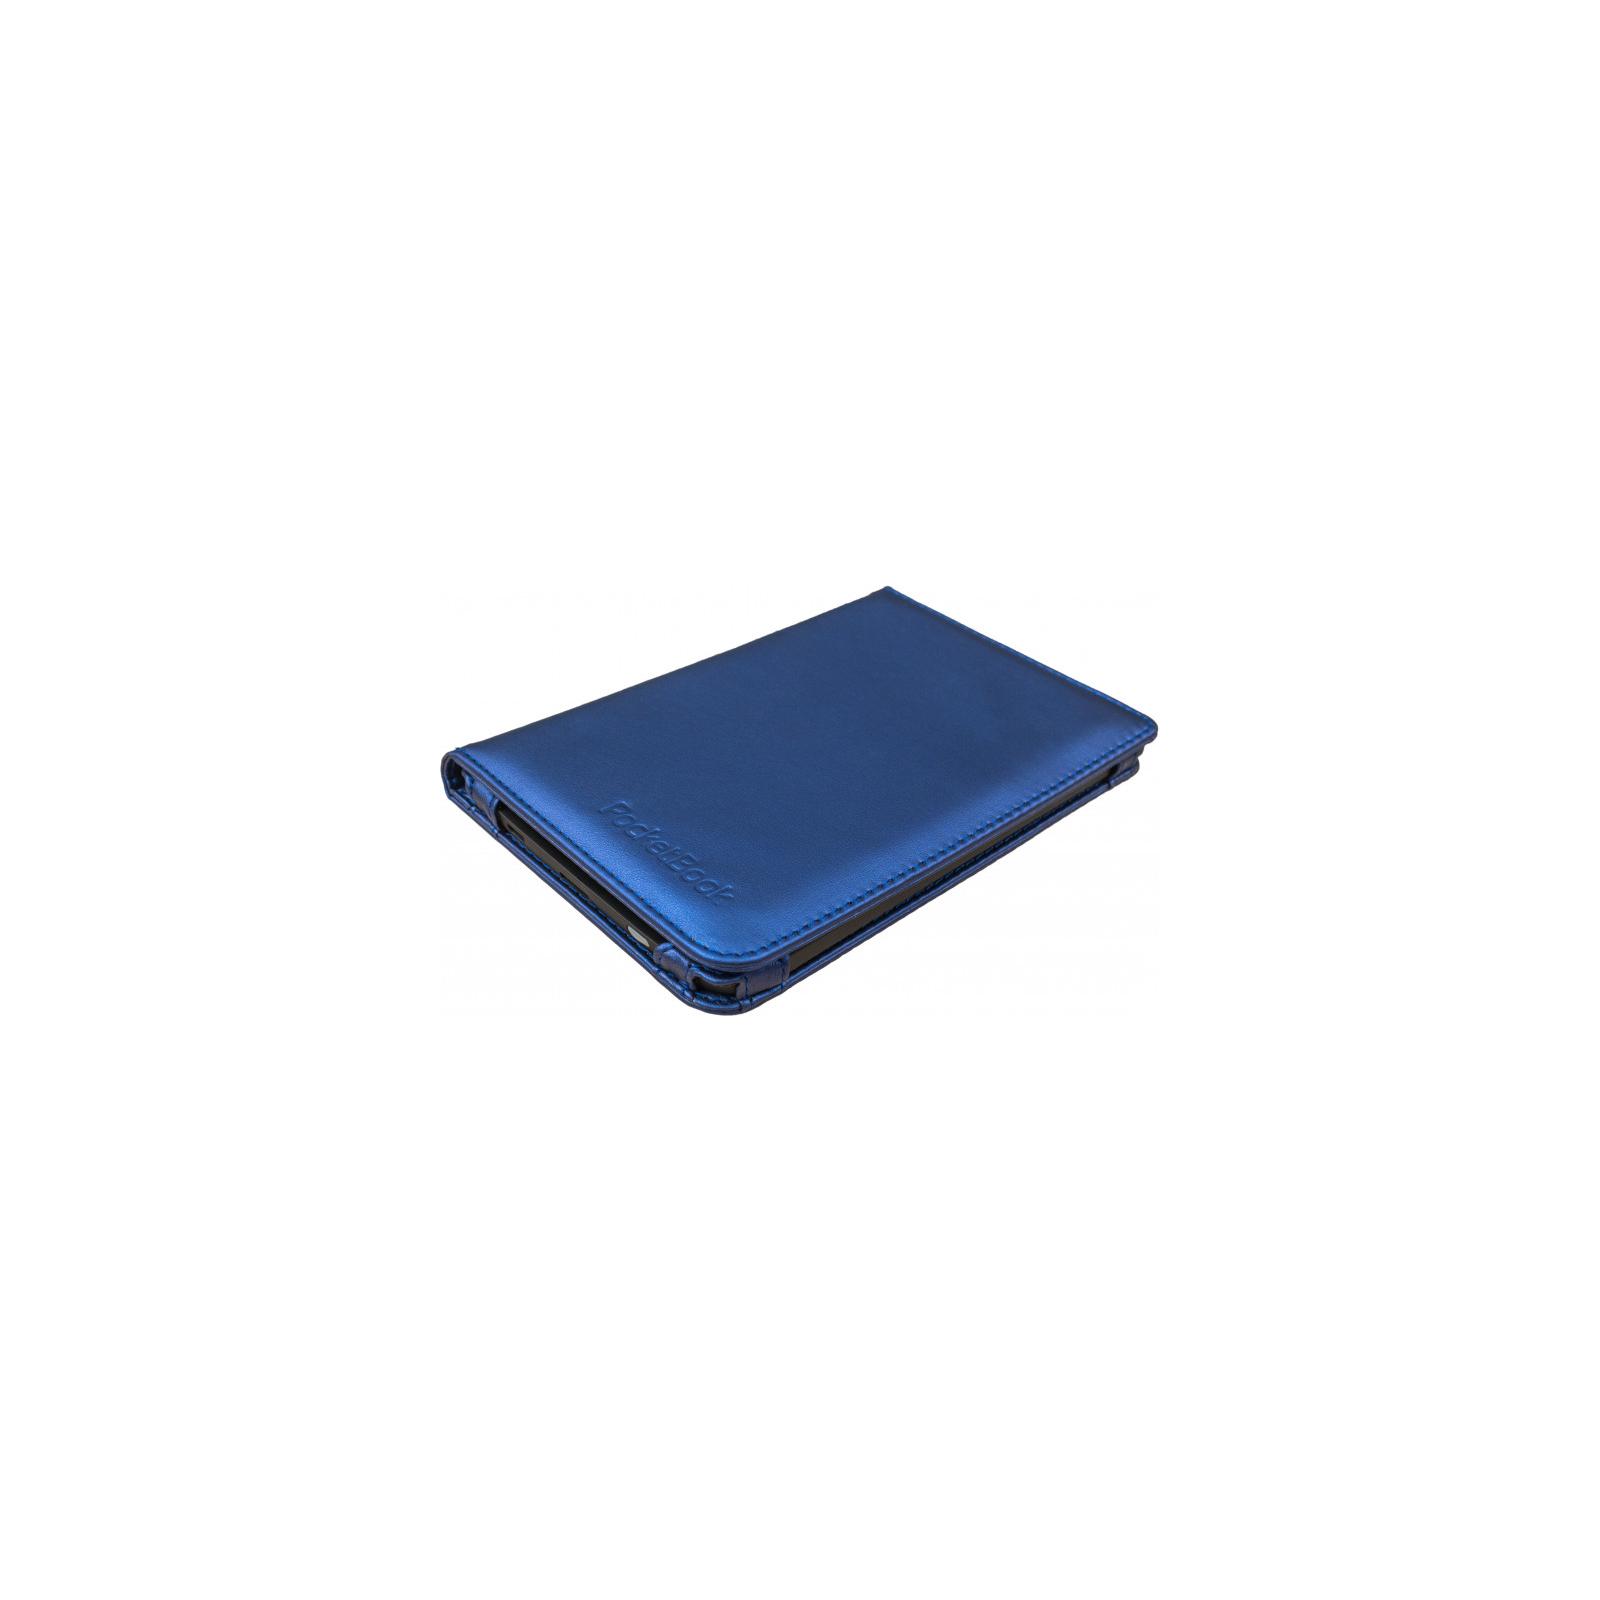 """Чехол для электронной книги Pocketbook 6"""" 616/627/632 red (VLPB-TB627RD1) изображение 4"""